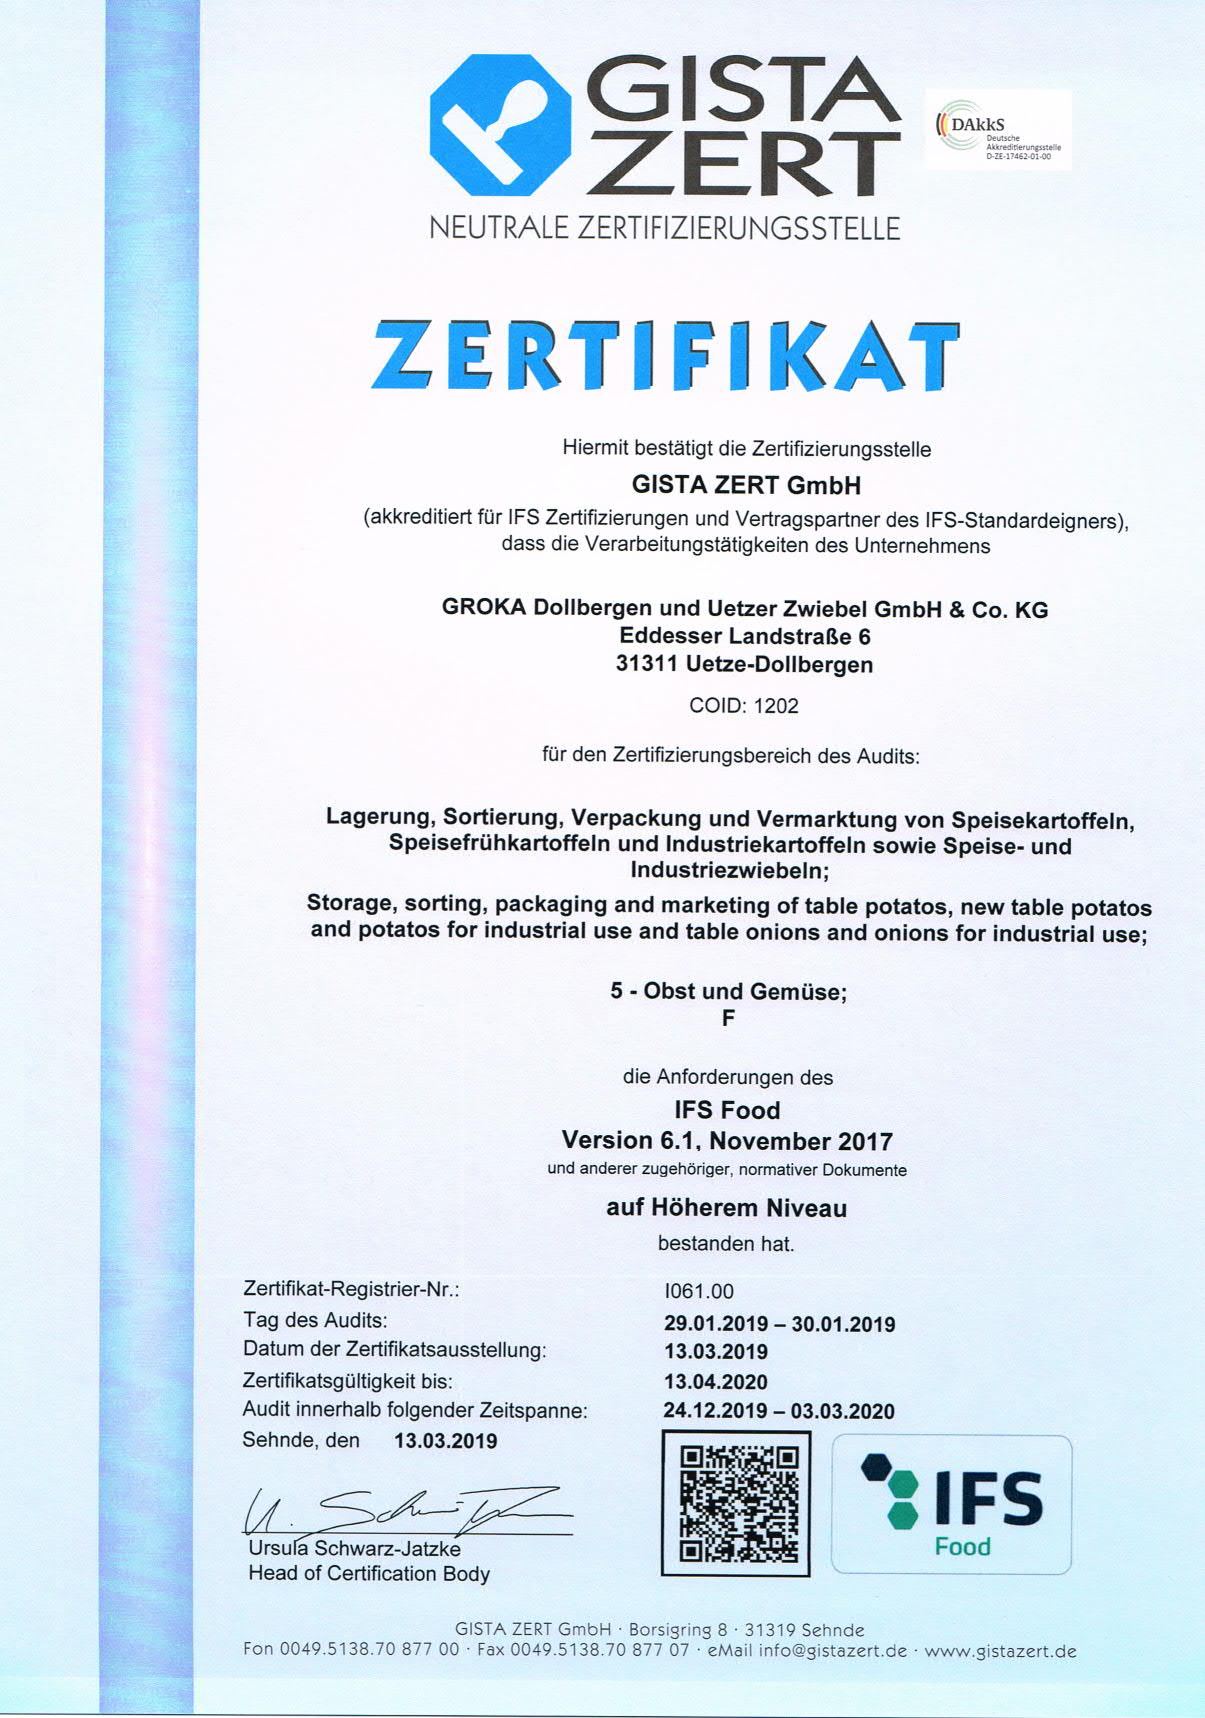 Zertifikat_IFS_Groka_Zwiebel_2016_1.jpg